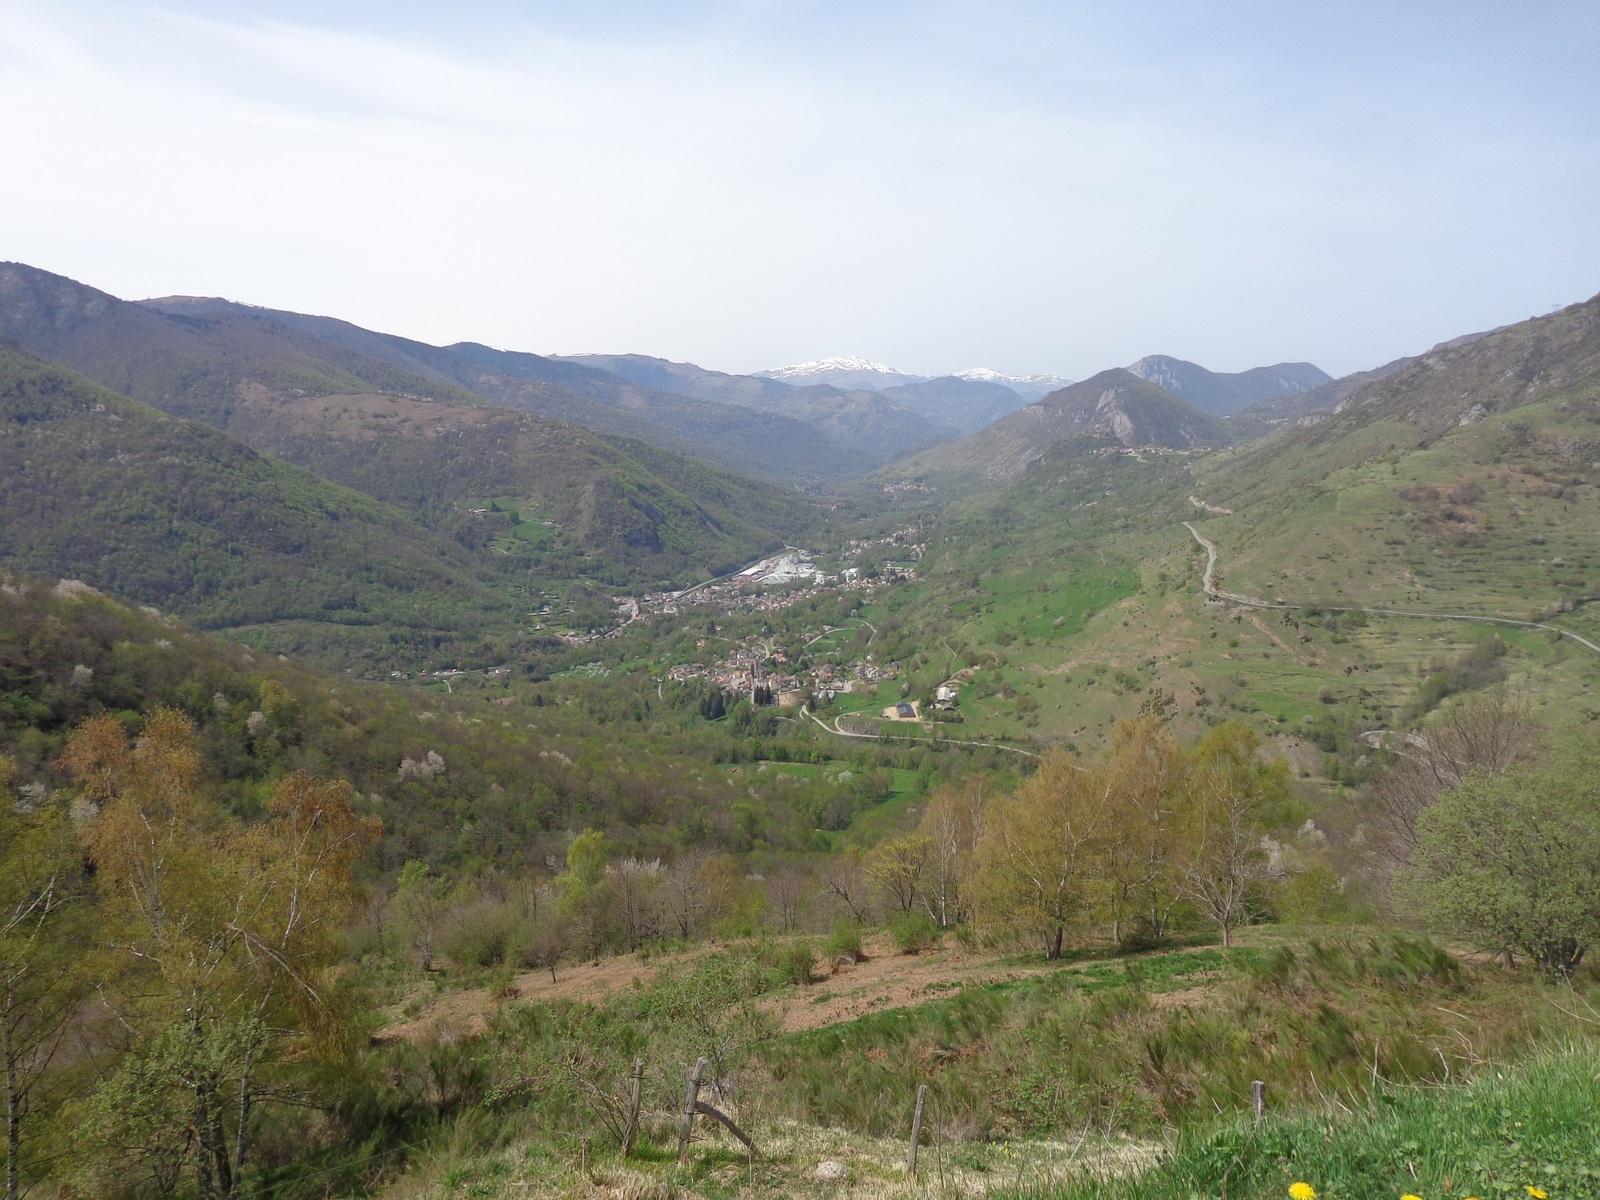 La vallée de l'Ariège et le recouvrement des plaques tectoniques de l'Europe et de la péninsule Ibérique.